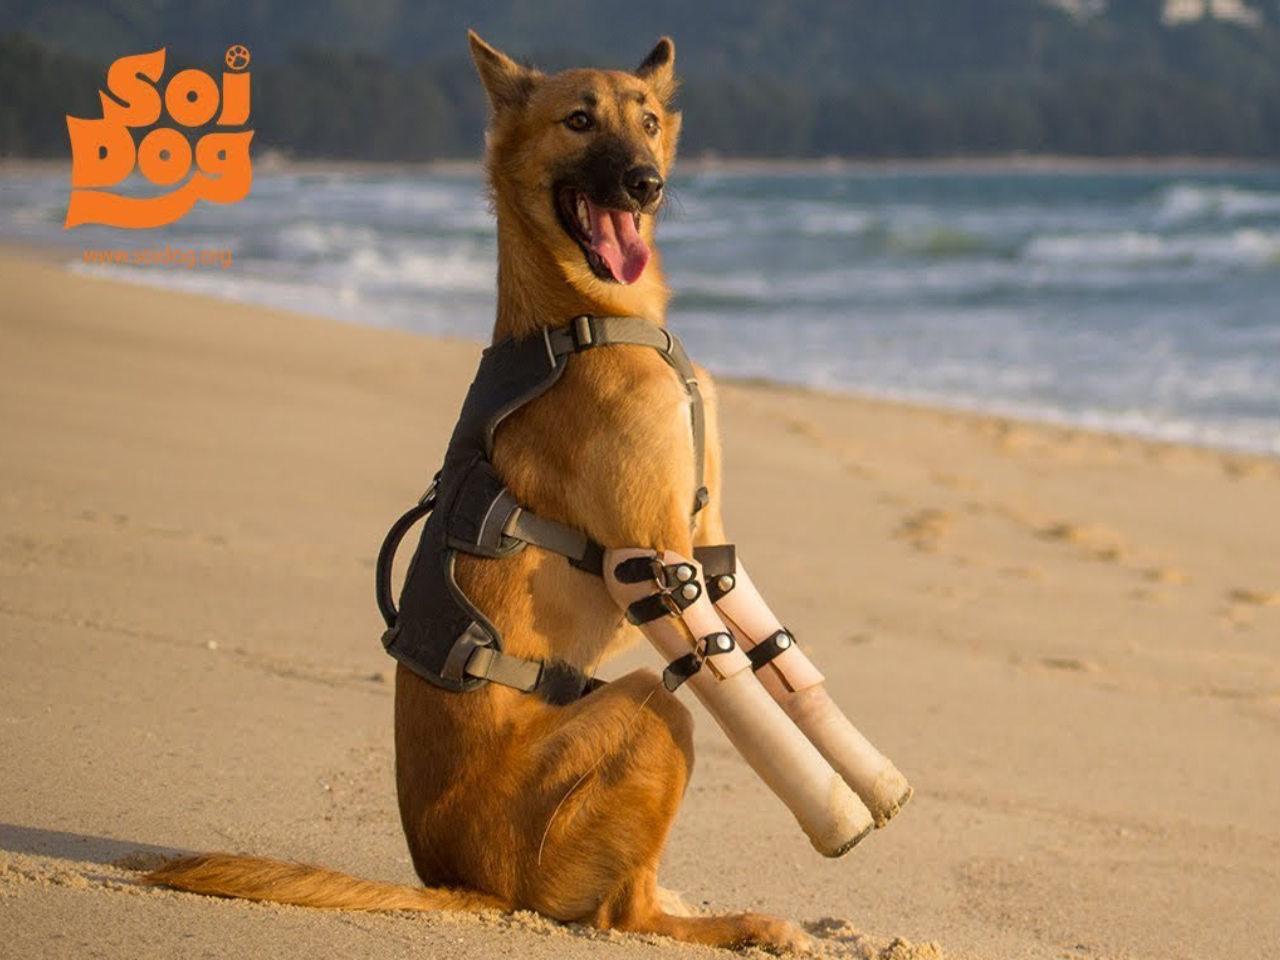 Soi Dog